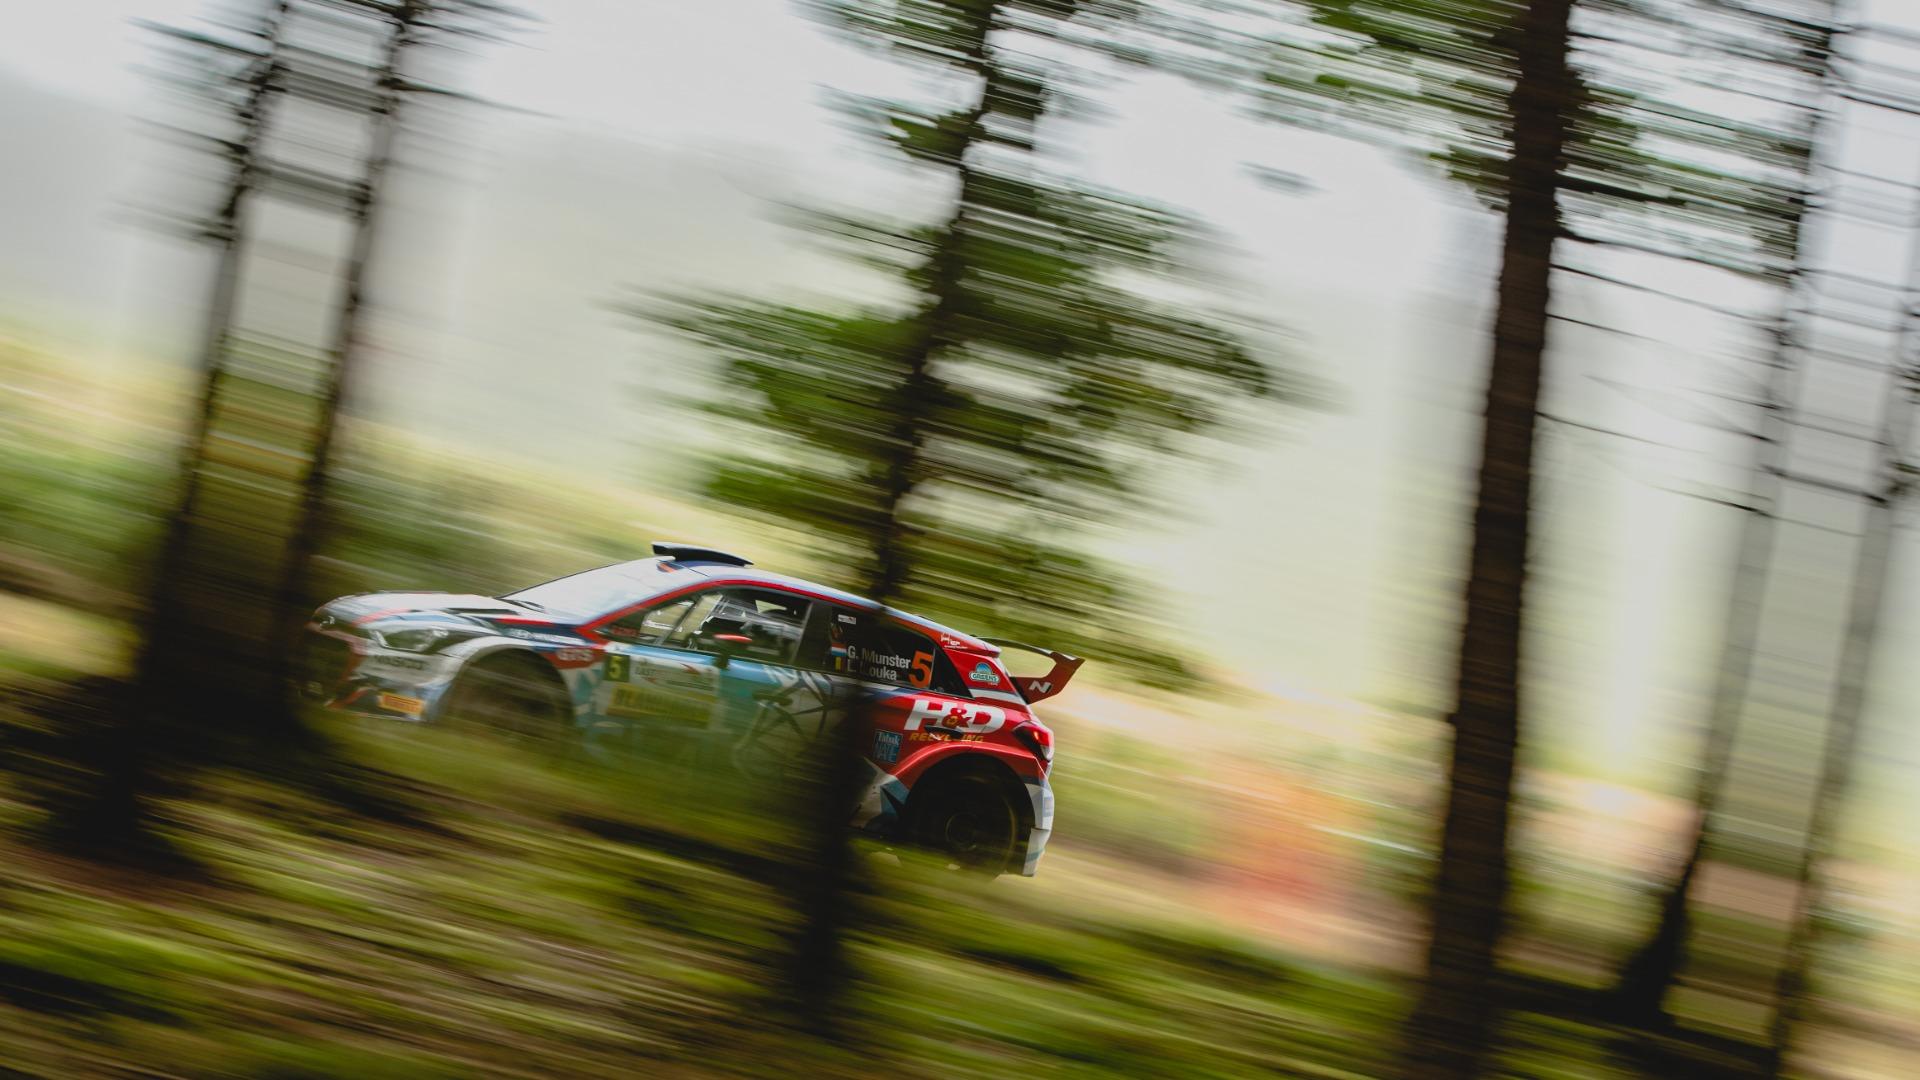 Erster Sieg für Grégoire Munster bei der East Belgian Rallye (Bild: BMA)